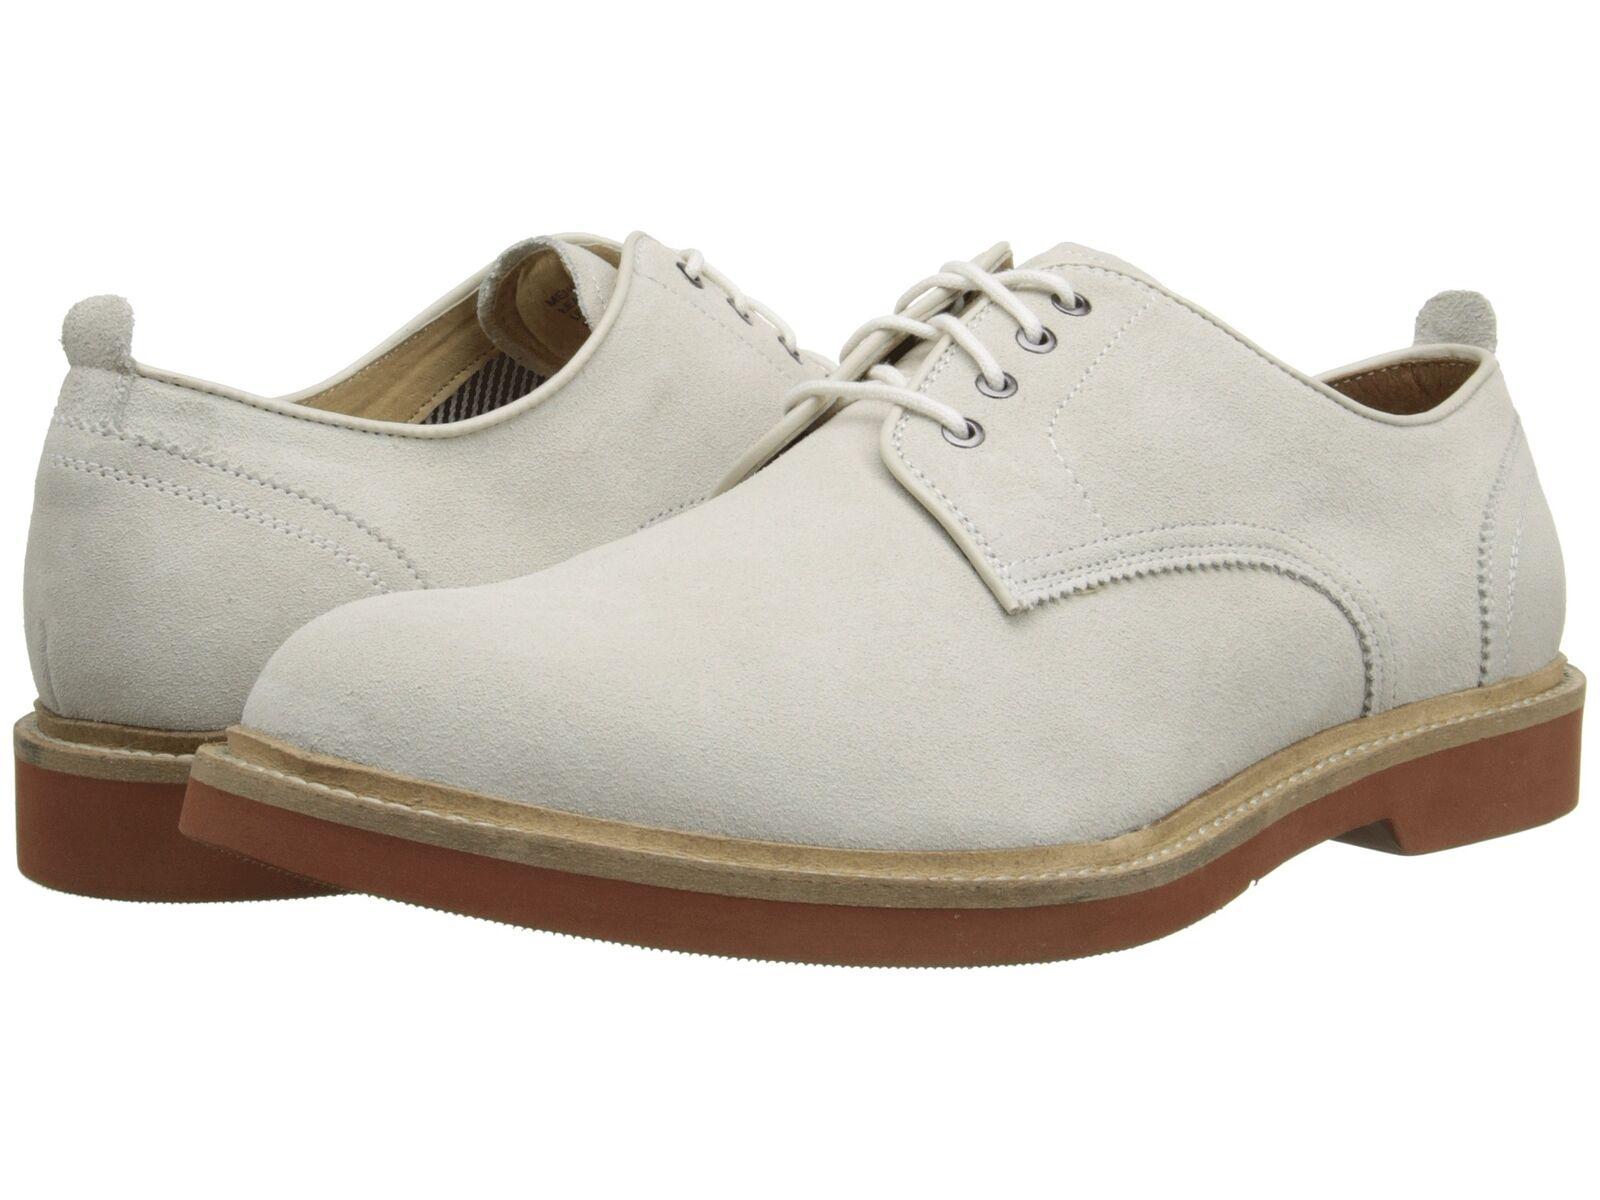 Florsheim Homme Bucktown Plain Oxford Décontracté Chaussures Blanches 15089-100